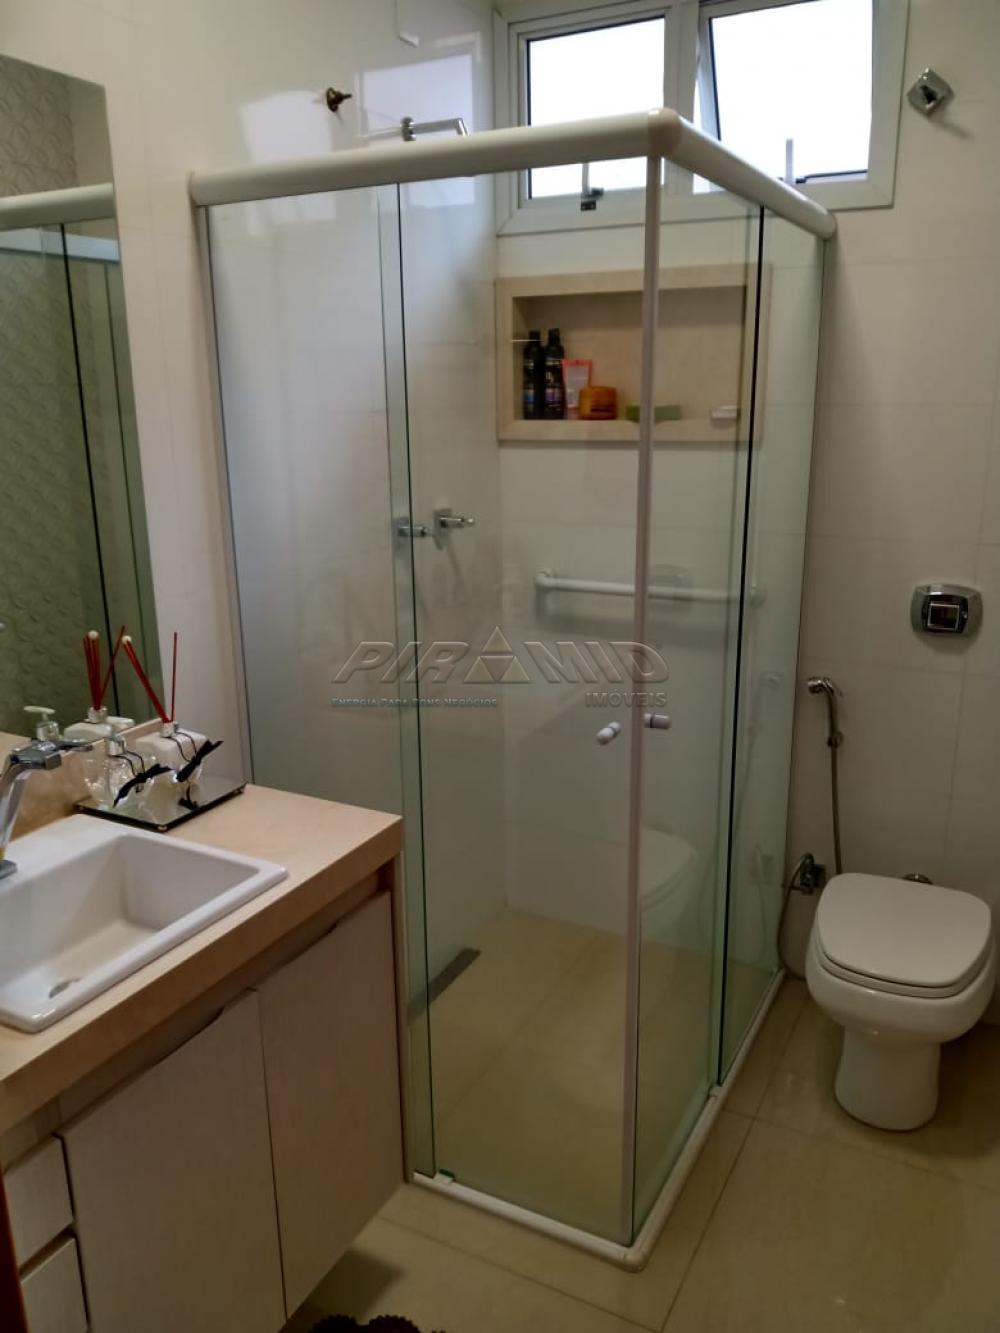 Comprar Casa / Condomínio em Ribeirão Preto R$ 490.000,00 - Foto 16